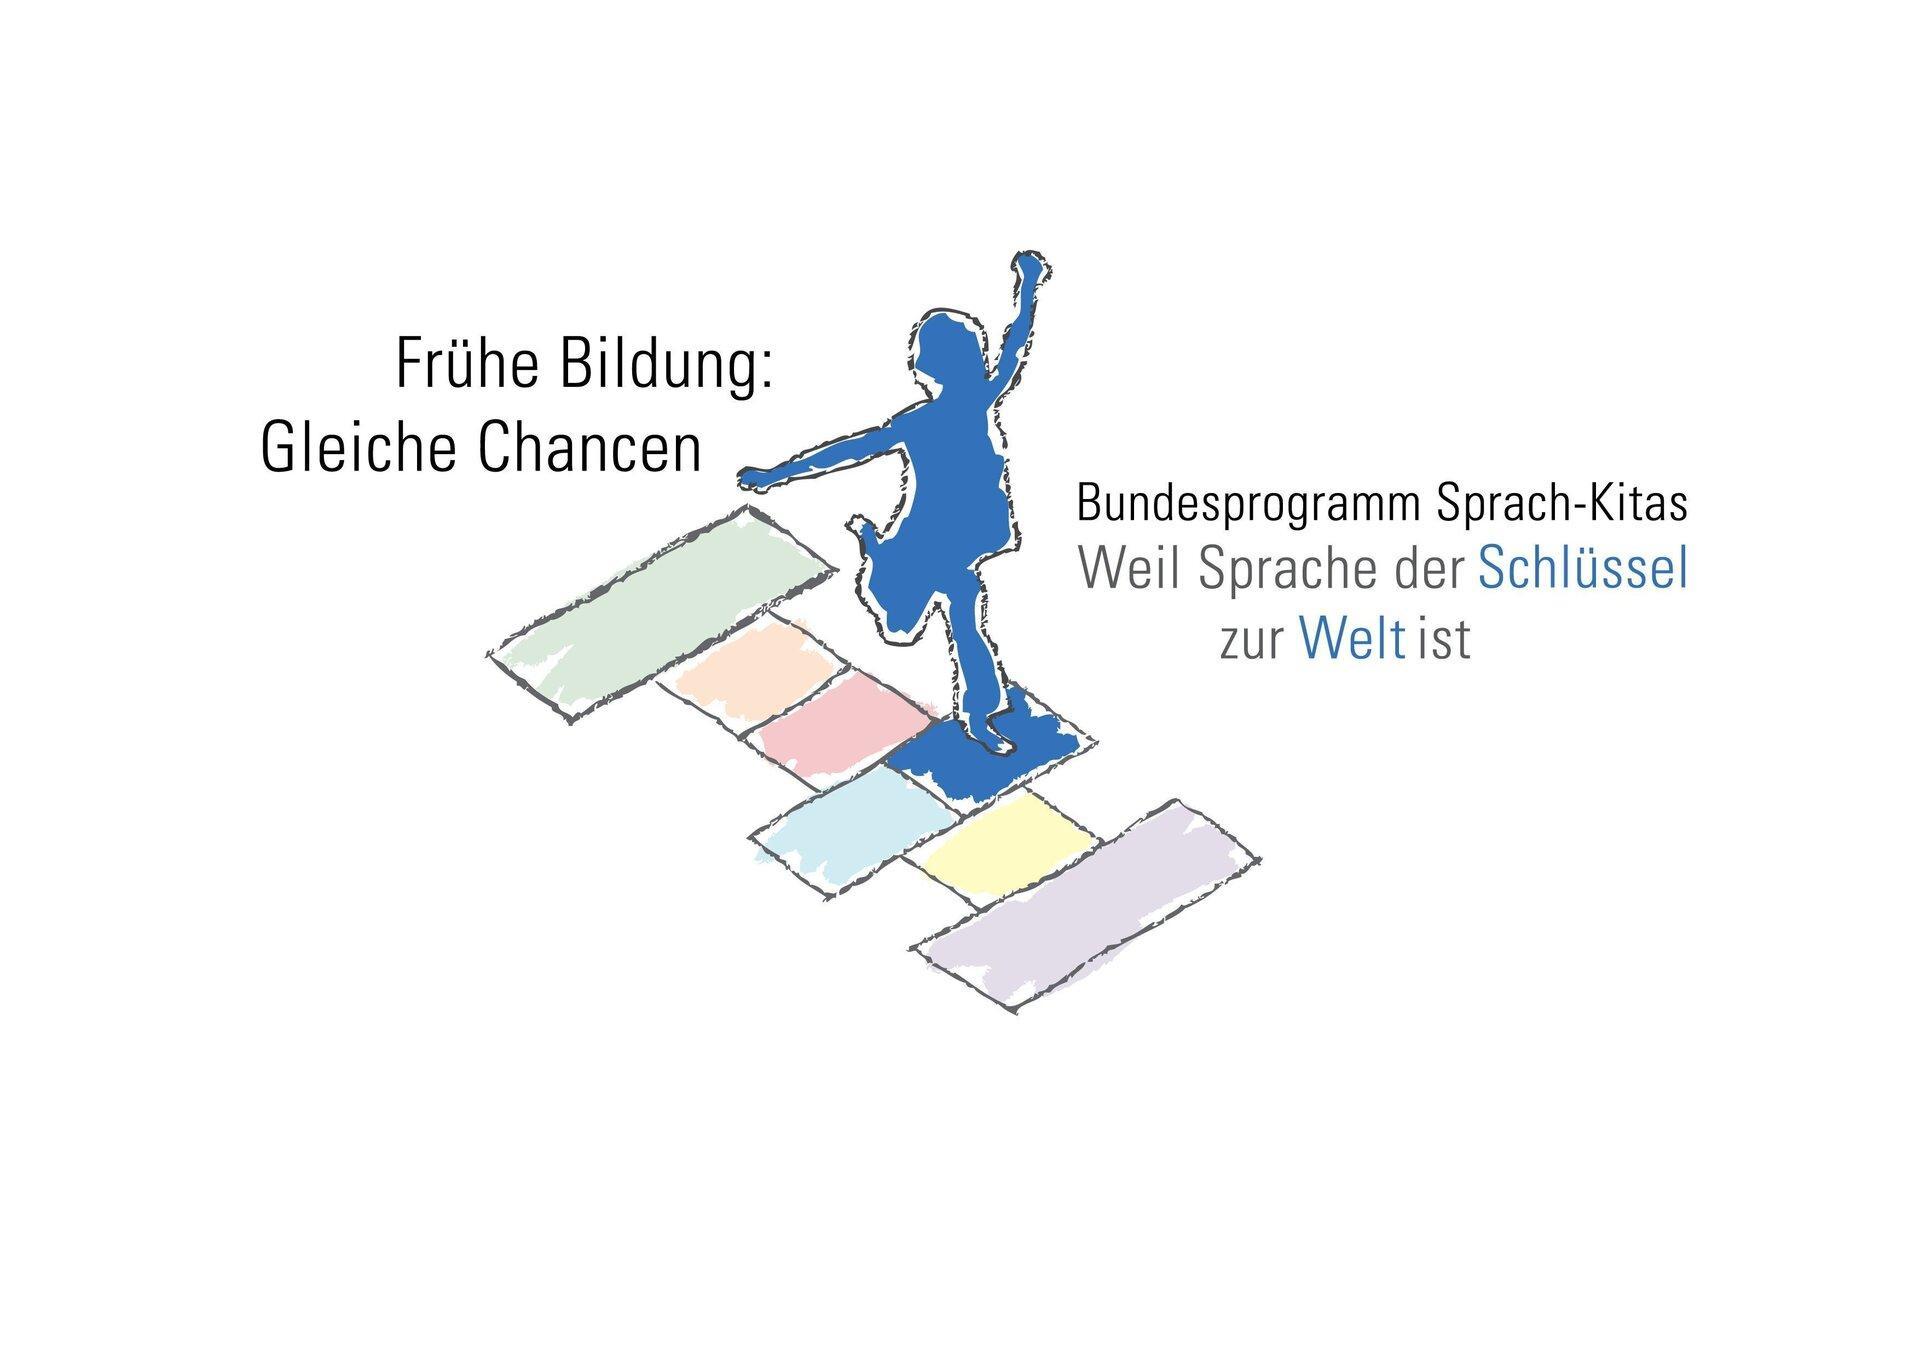 Fruehe_Chancen_3508_x_2480_